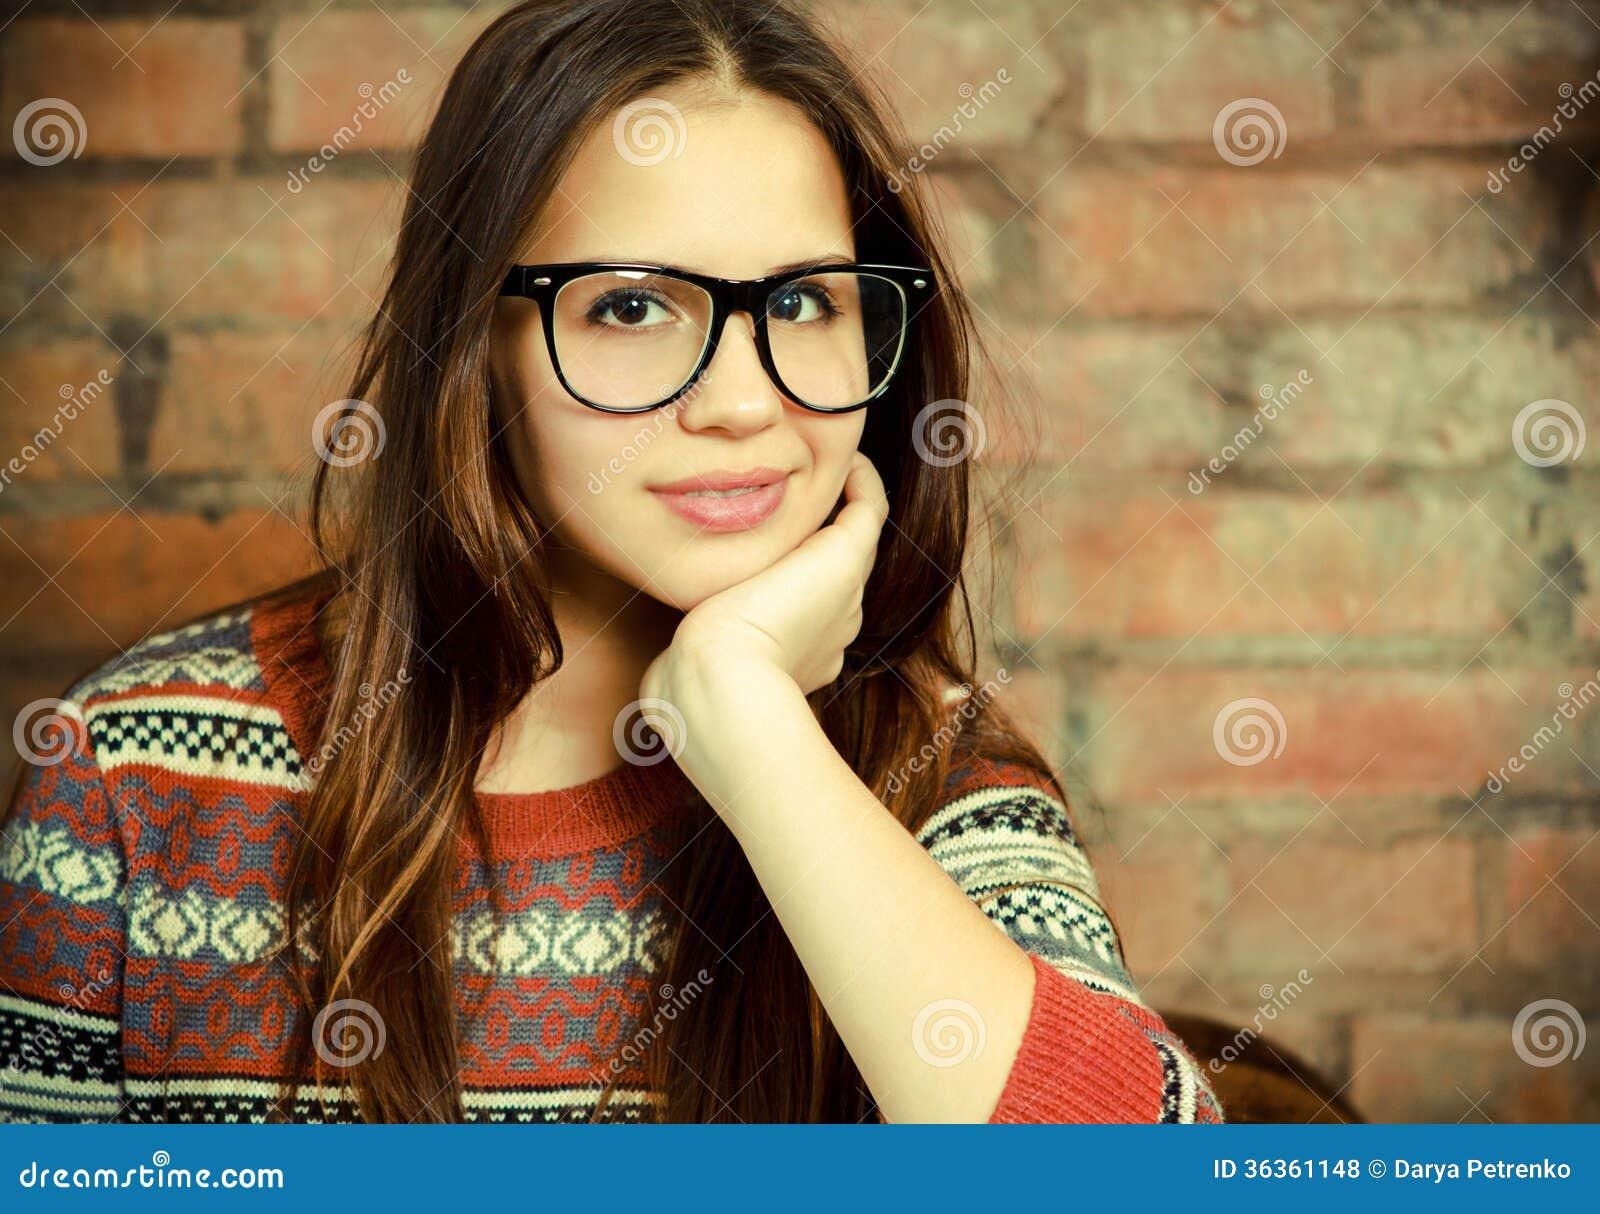 Cute Teens Wearing Glasses - Teen-5660